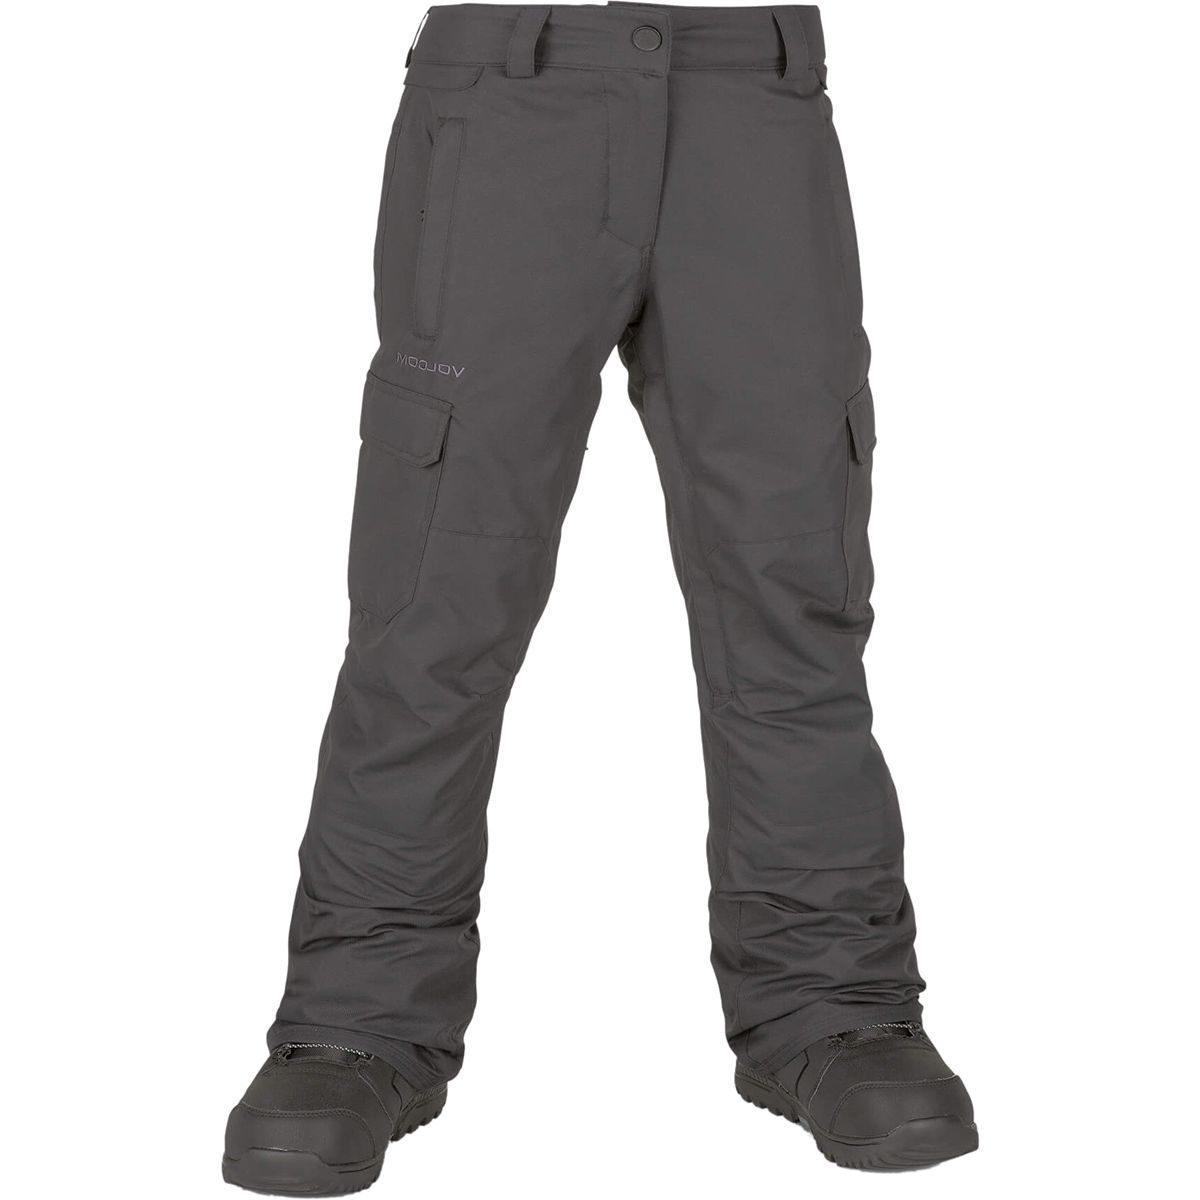 Volcom Cargo Insulated Pant - Boys'